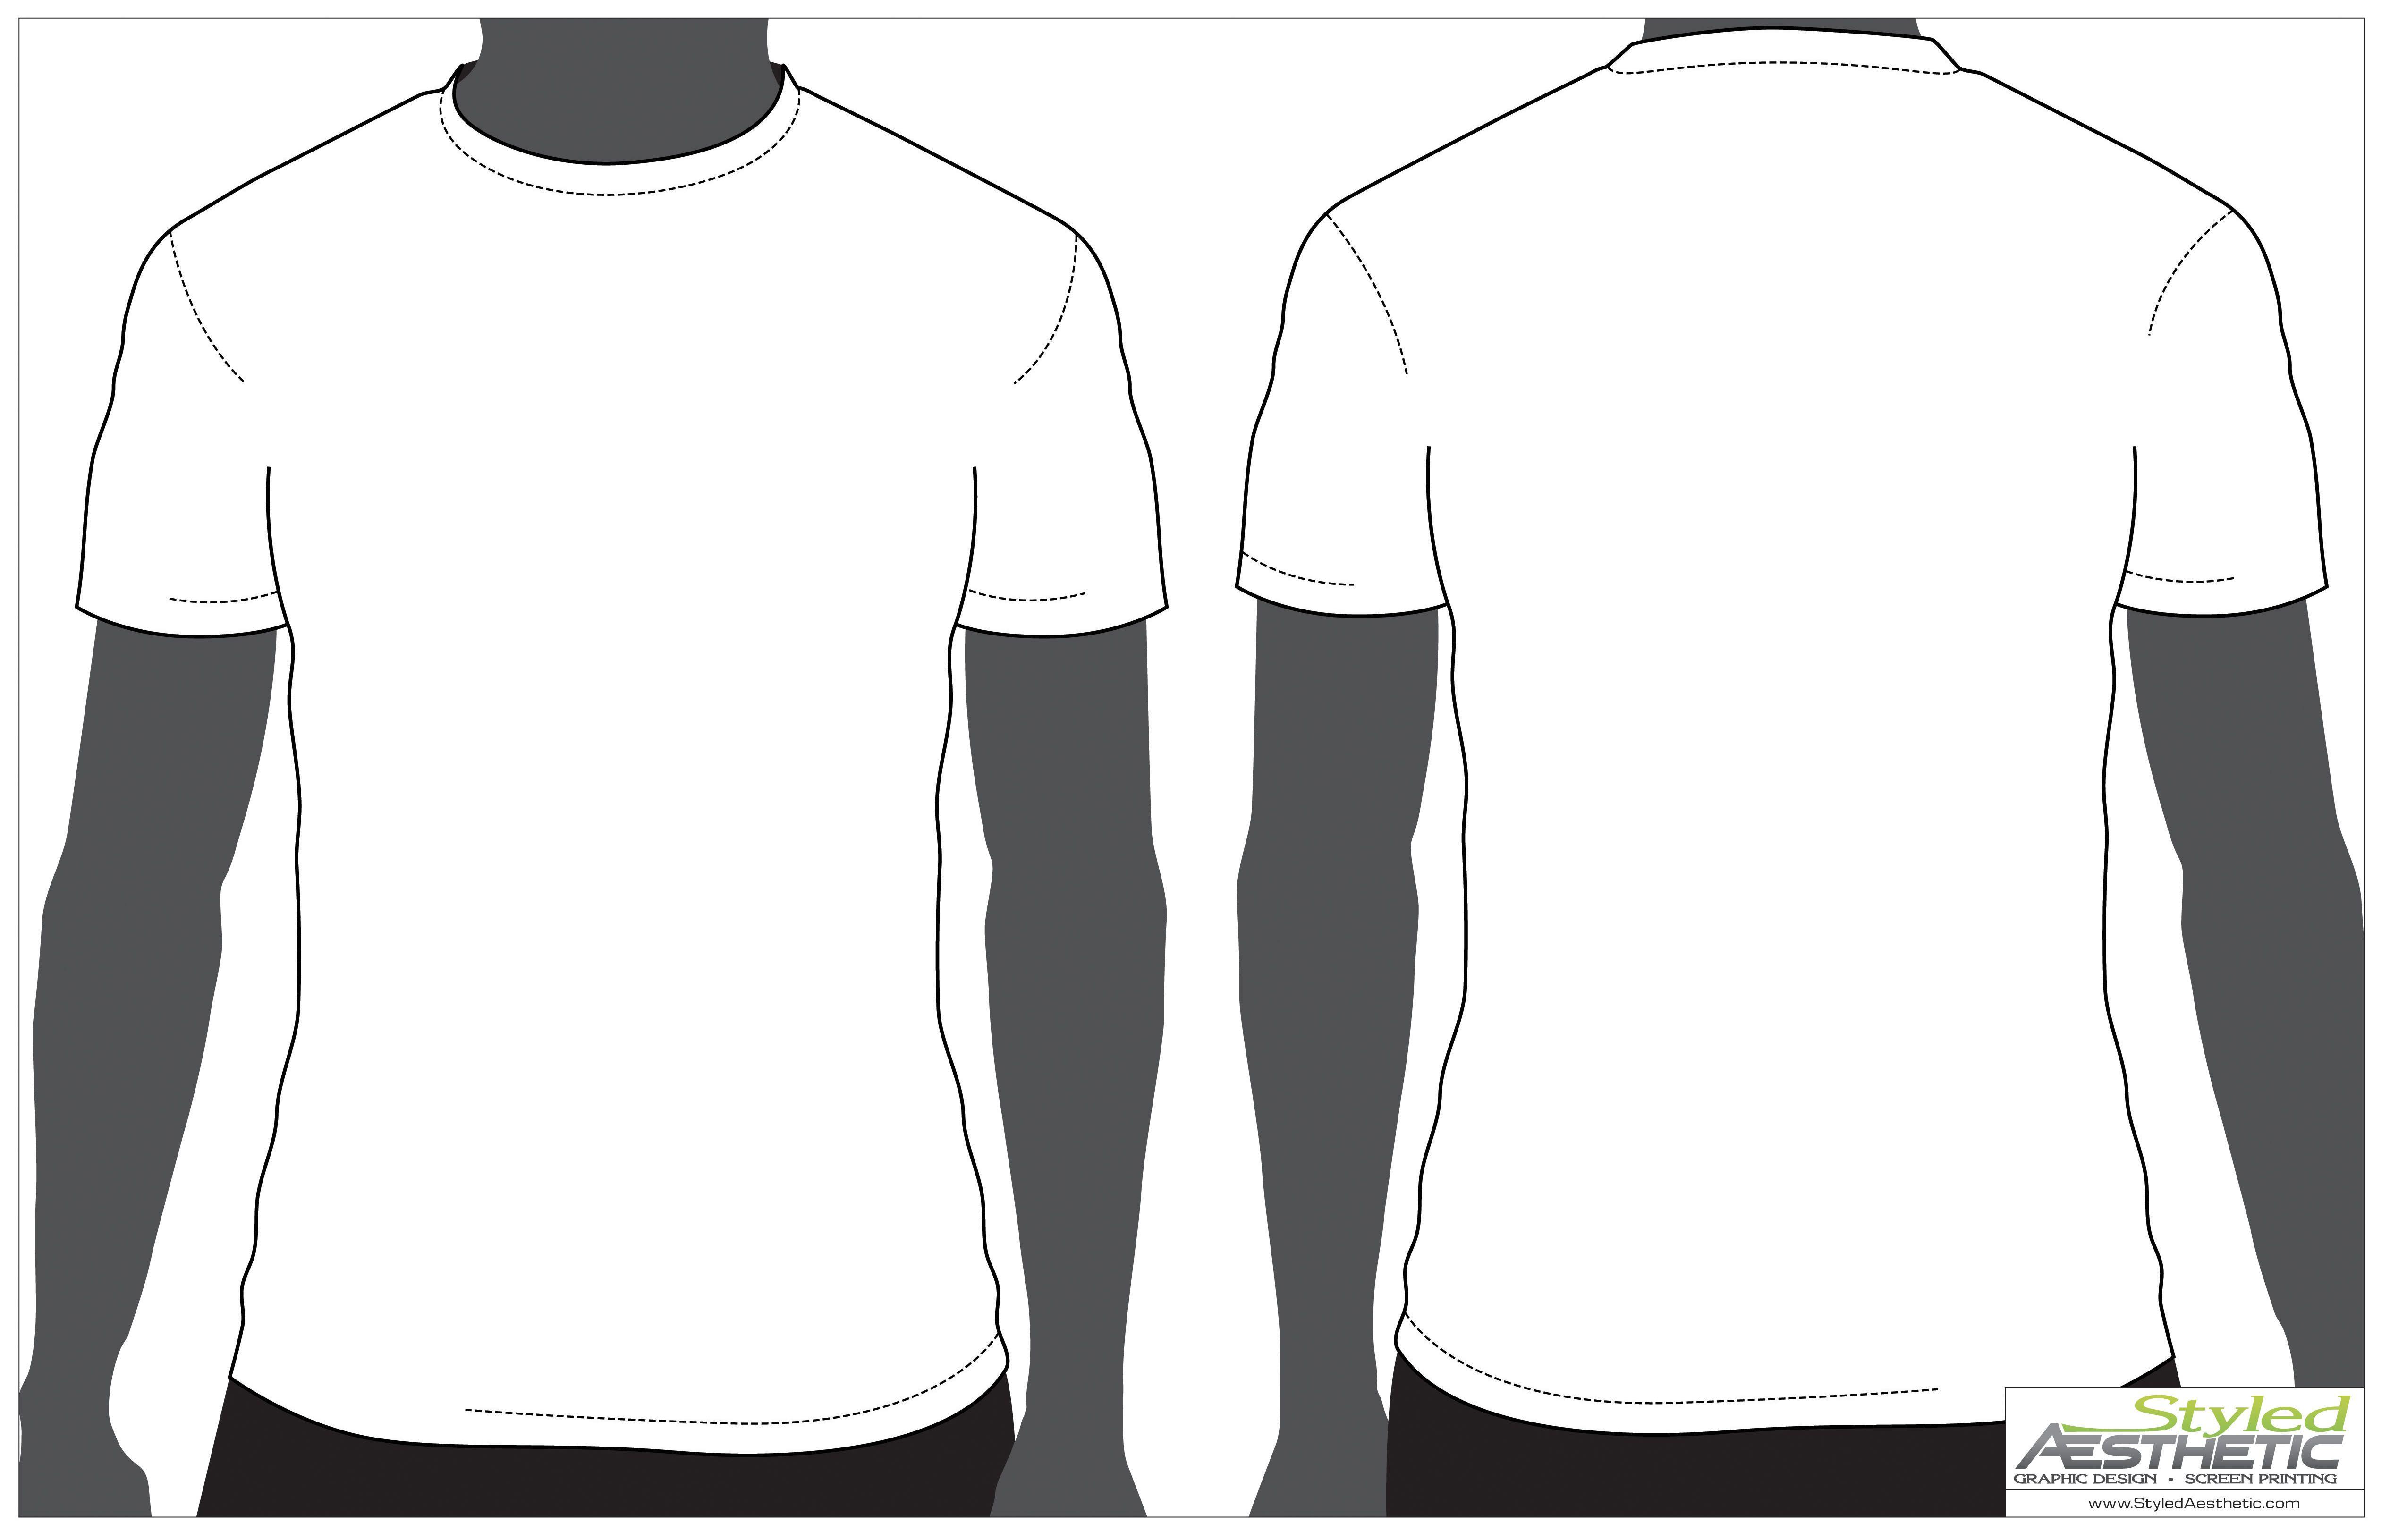 5062x3262 t shirt template team board shirt template, t shirt, shirts